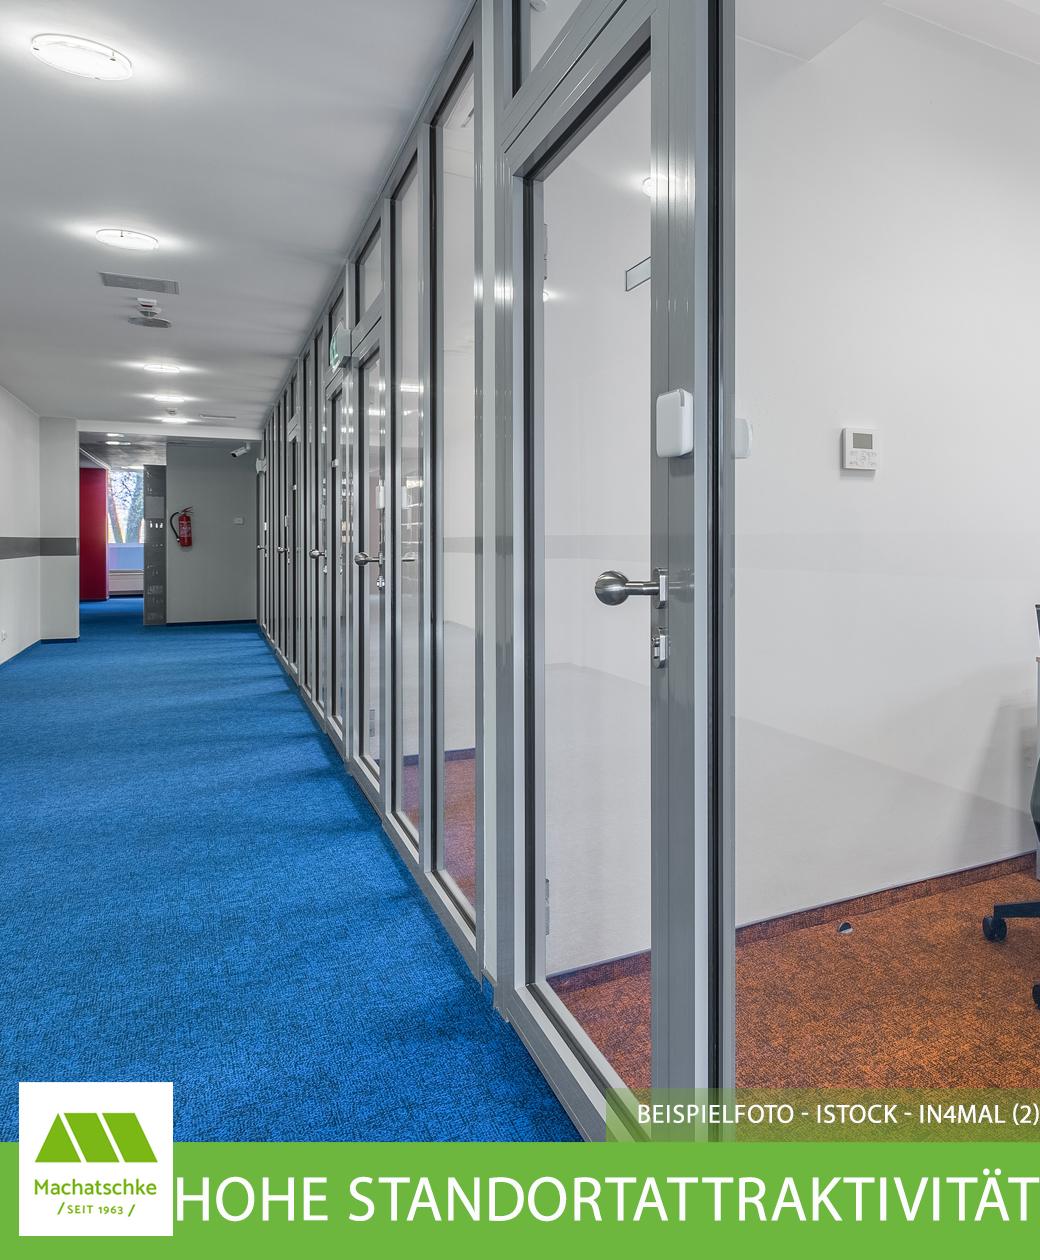 Modern - Zentrale Lage - Helle Büroräume - Gute Infragstruktur - Hohe Standortattraktivität